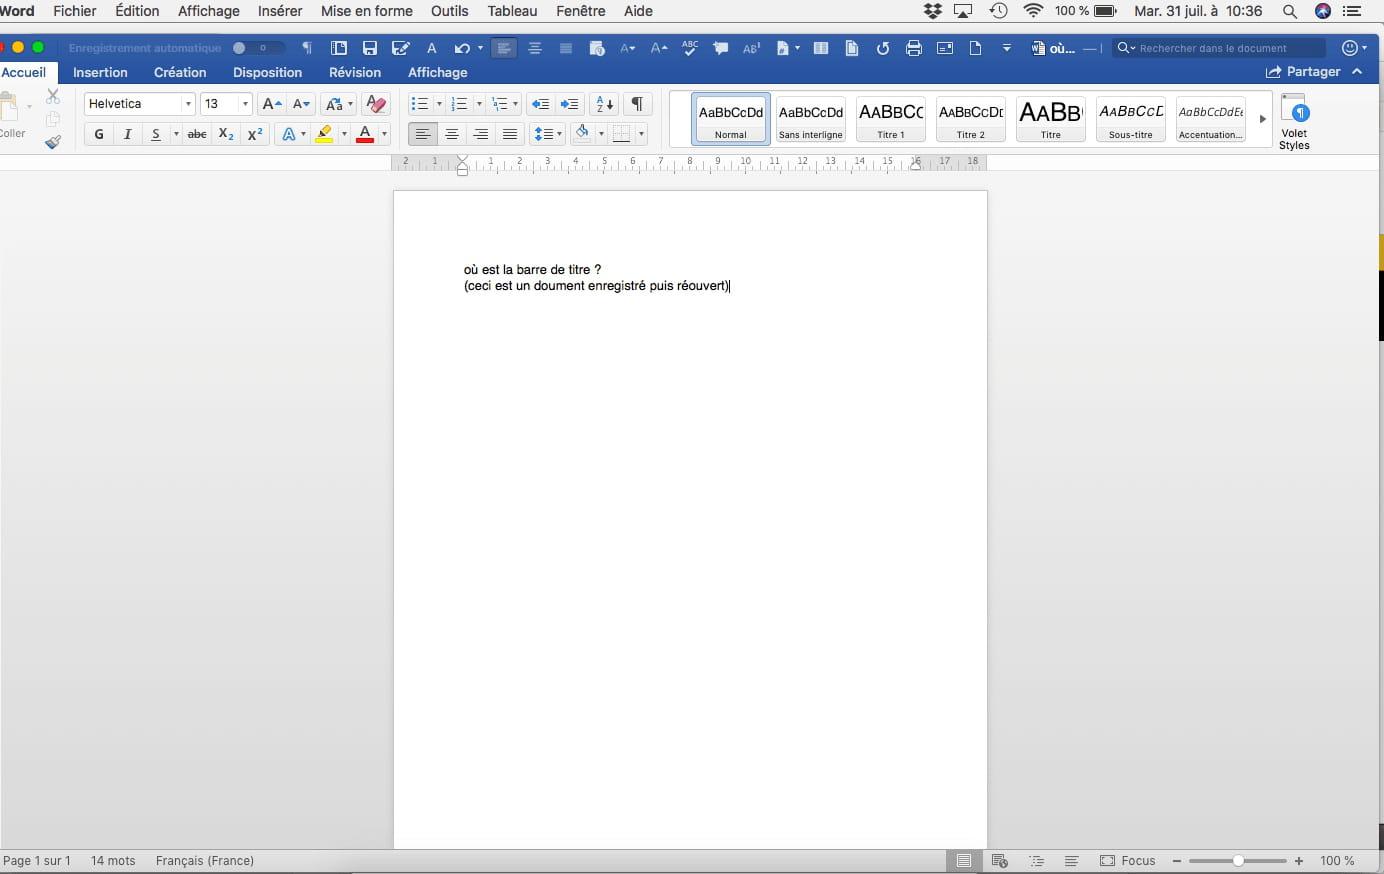 Pas de barre de titre dans les doc word 365 r solu - Office 365 comment ca marche ...